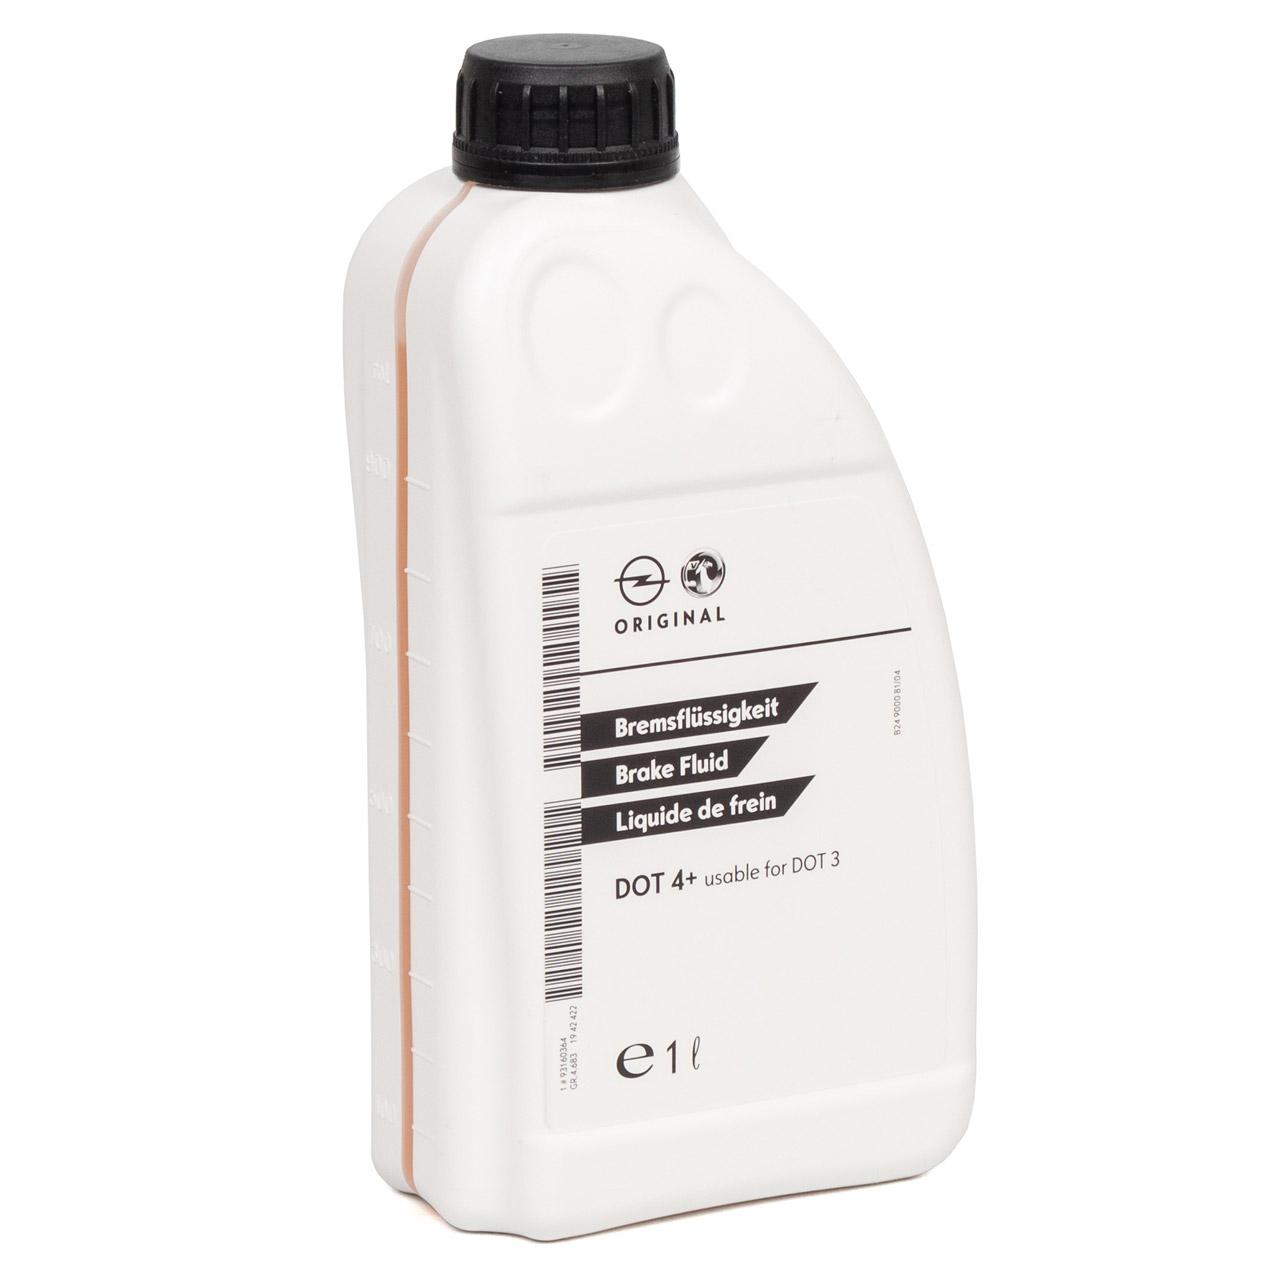 ORIGINAL GM Opel Bremsflüssigkeit DOT4+ 1 Liter 1942422 / 93160364